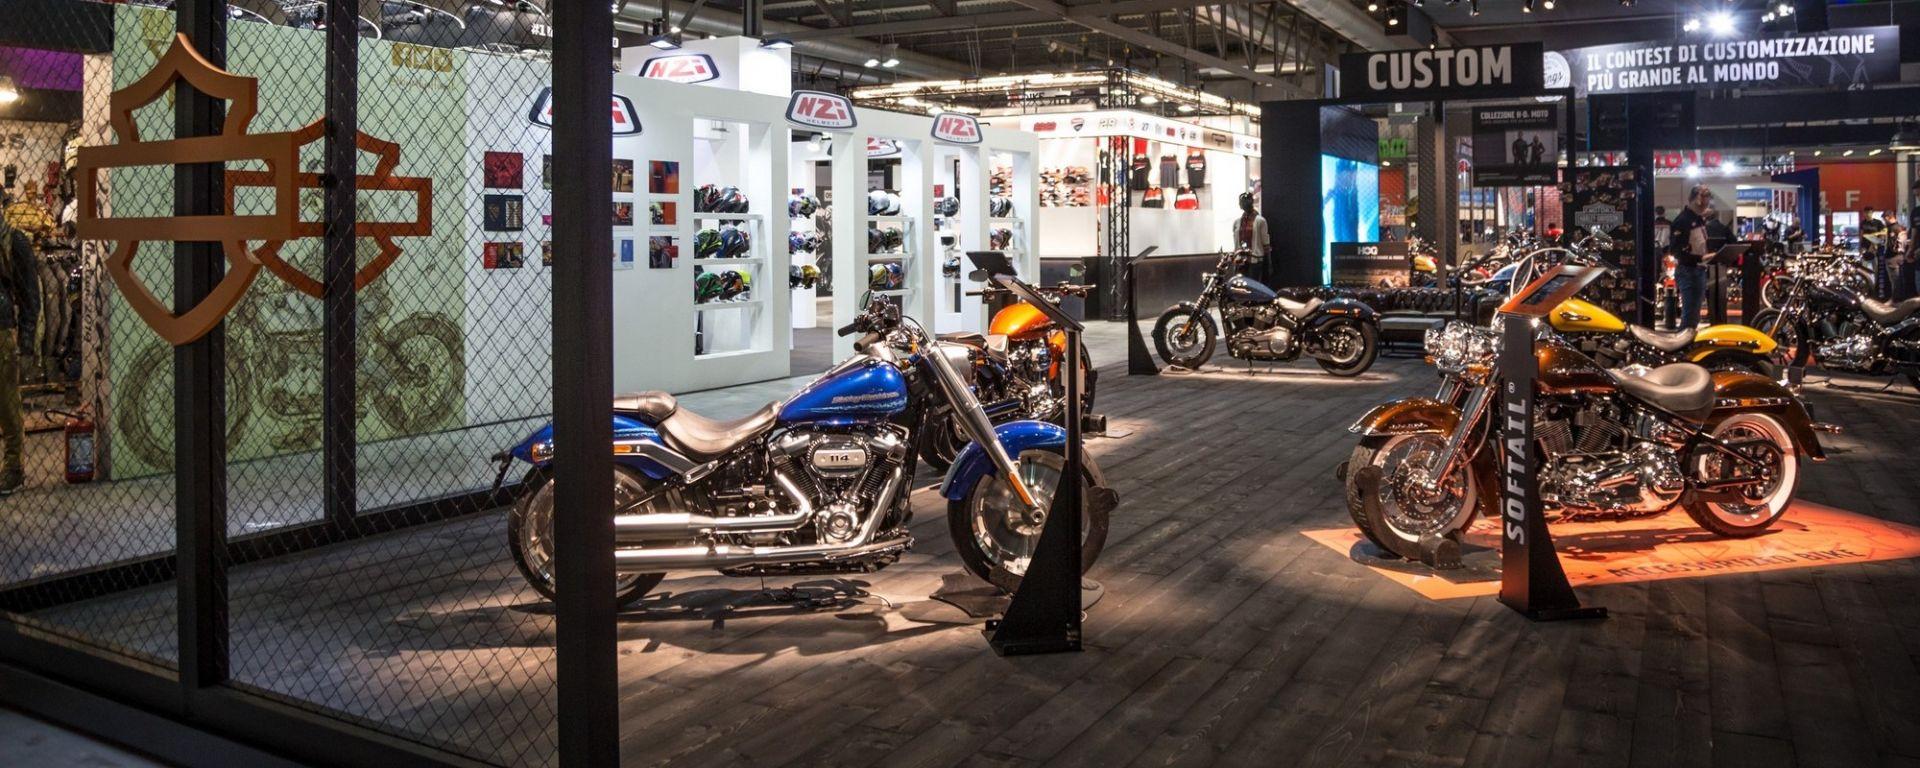 Eicma 2018, le novità Harley Davidson: FXDR 114 e tanto altro